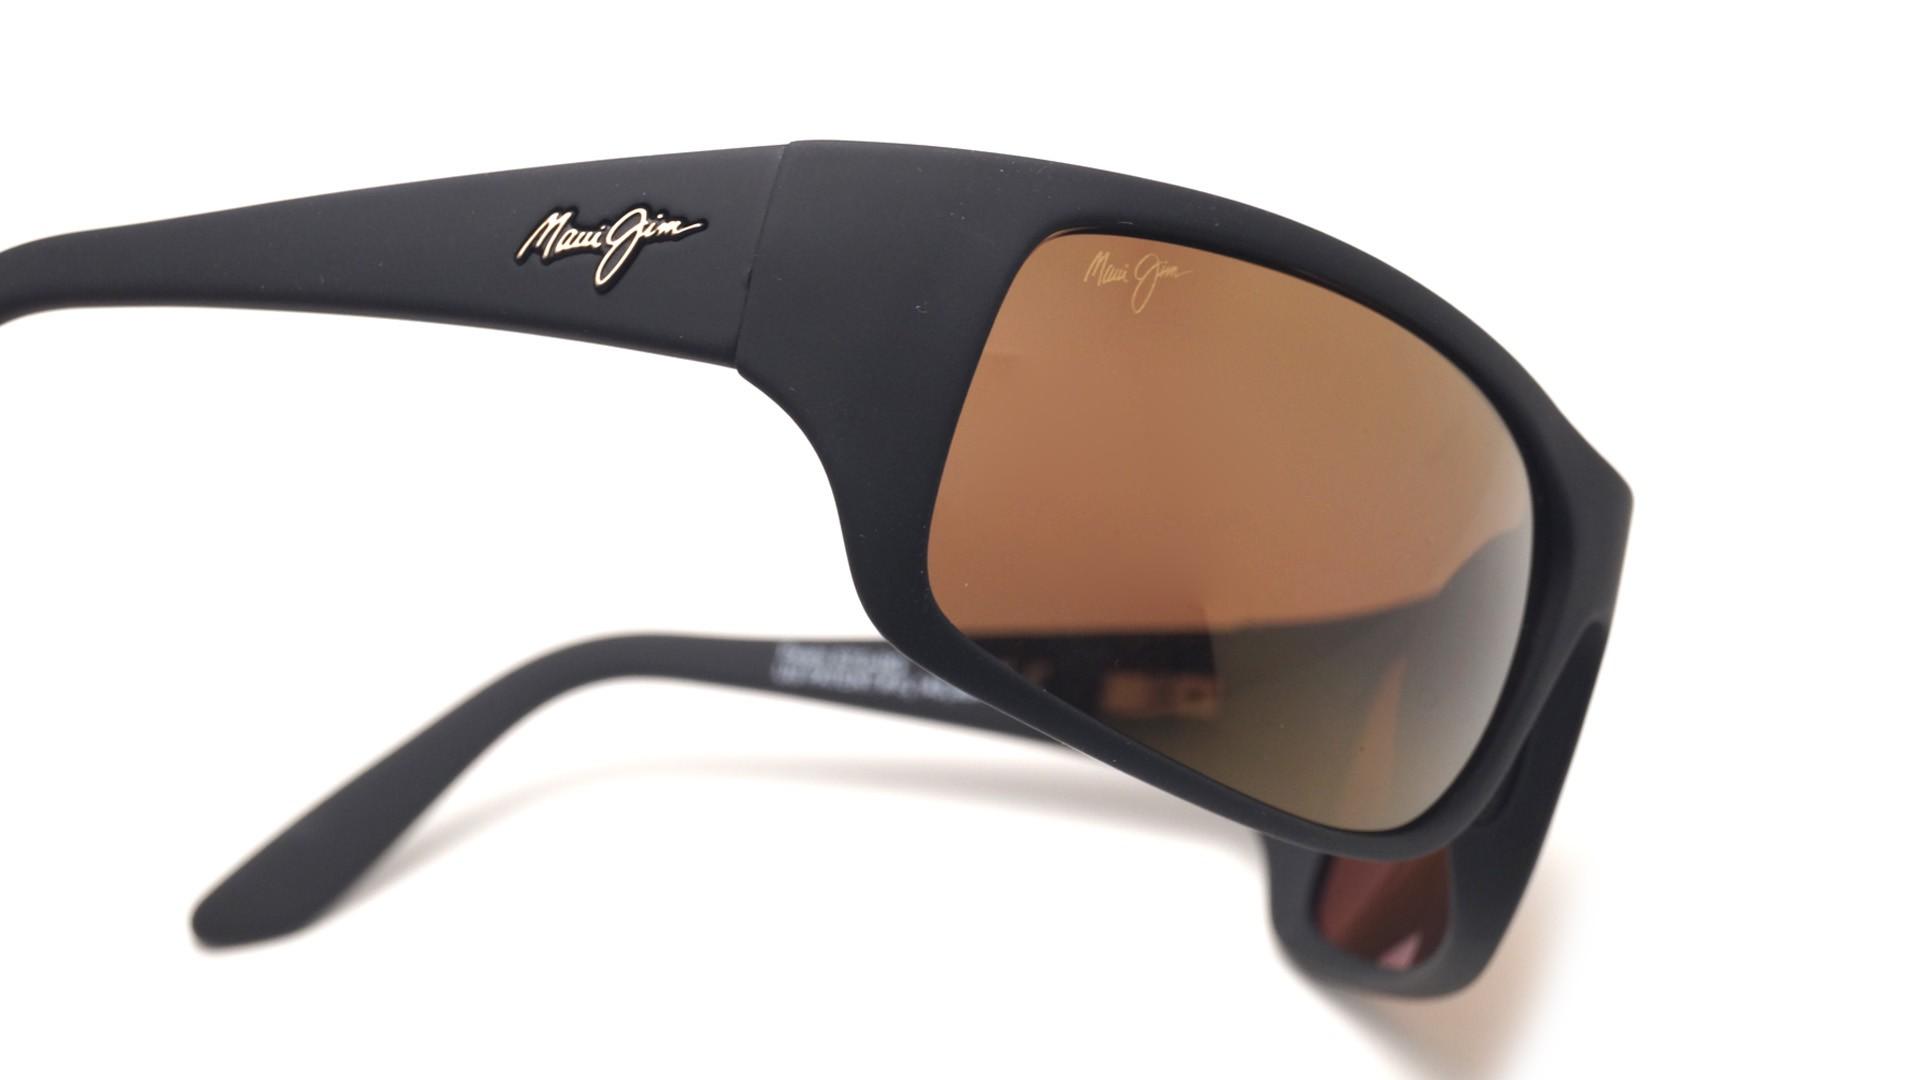 bef623e6b363 Sunglasses Maui Jim Peahi Black Matte HCL Bronze H202 2M 65-19 Large  Polarized